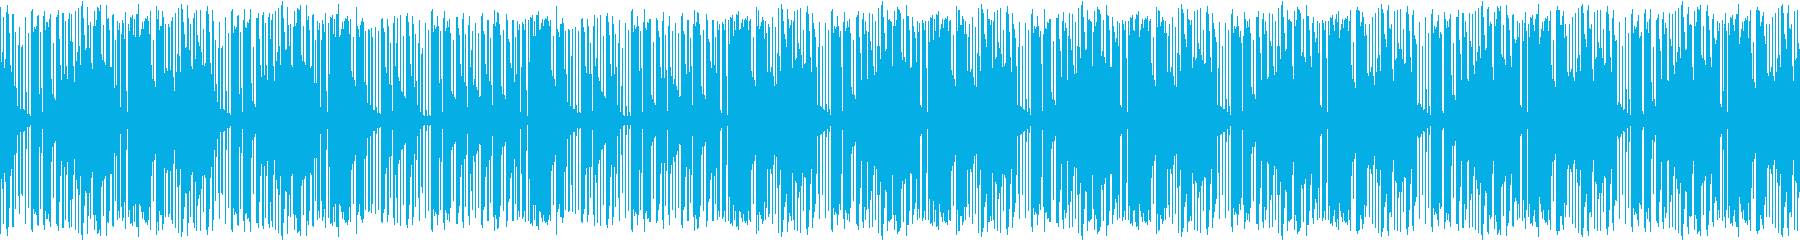 教材に合うBGMの再生済みの波形